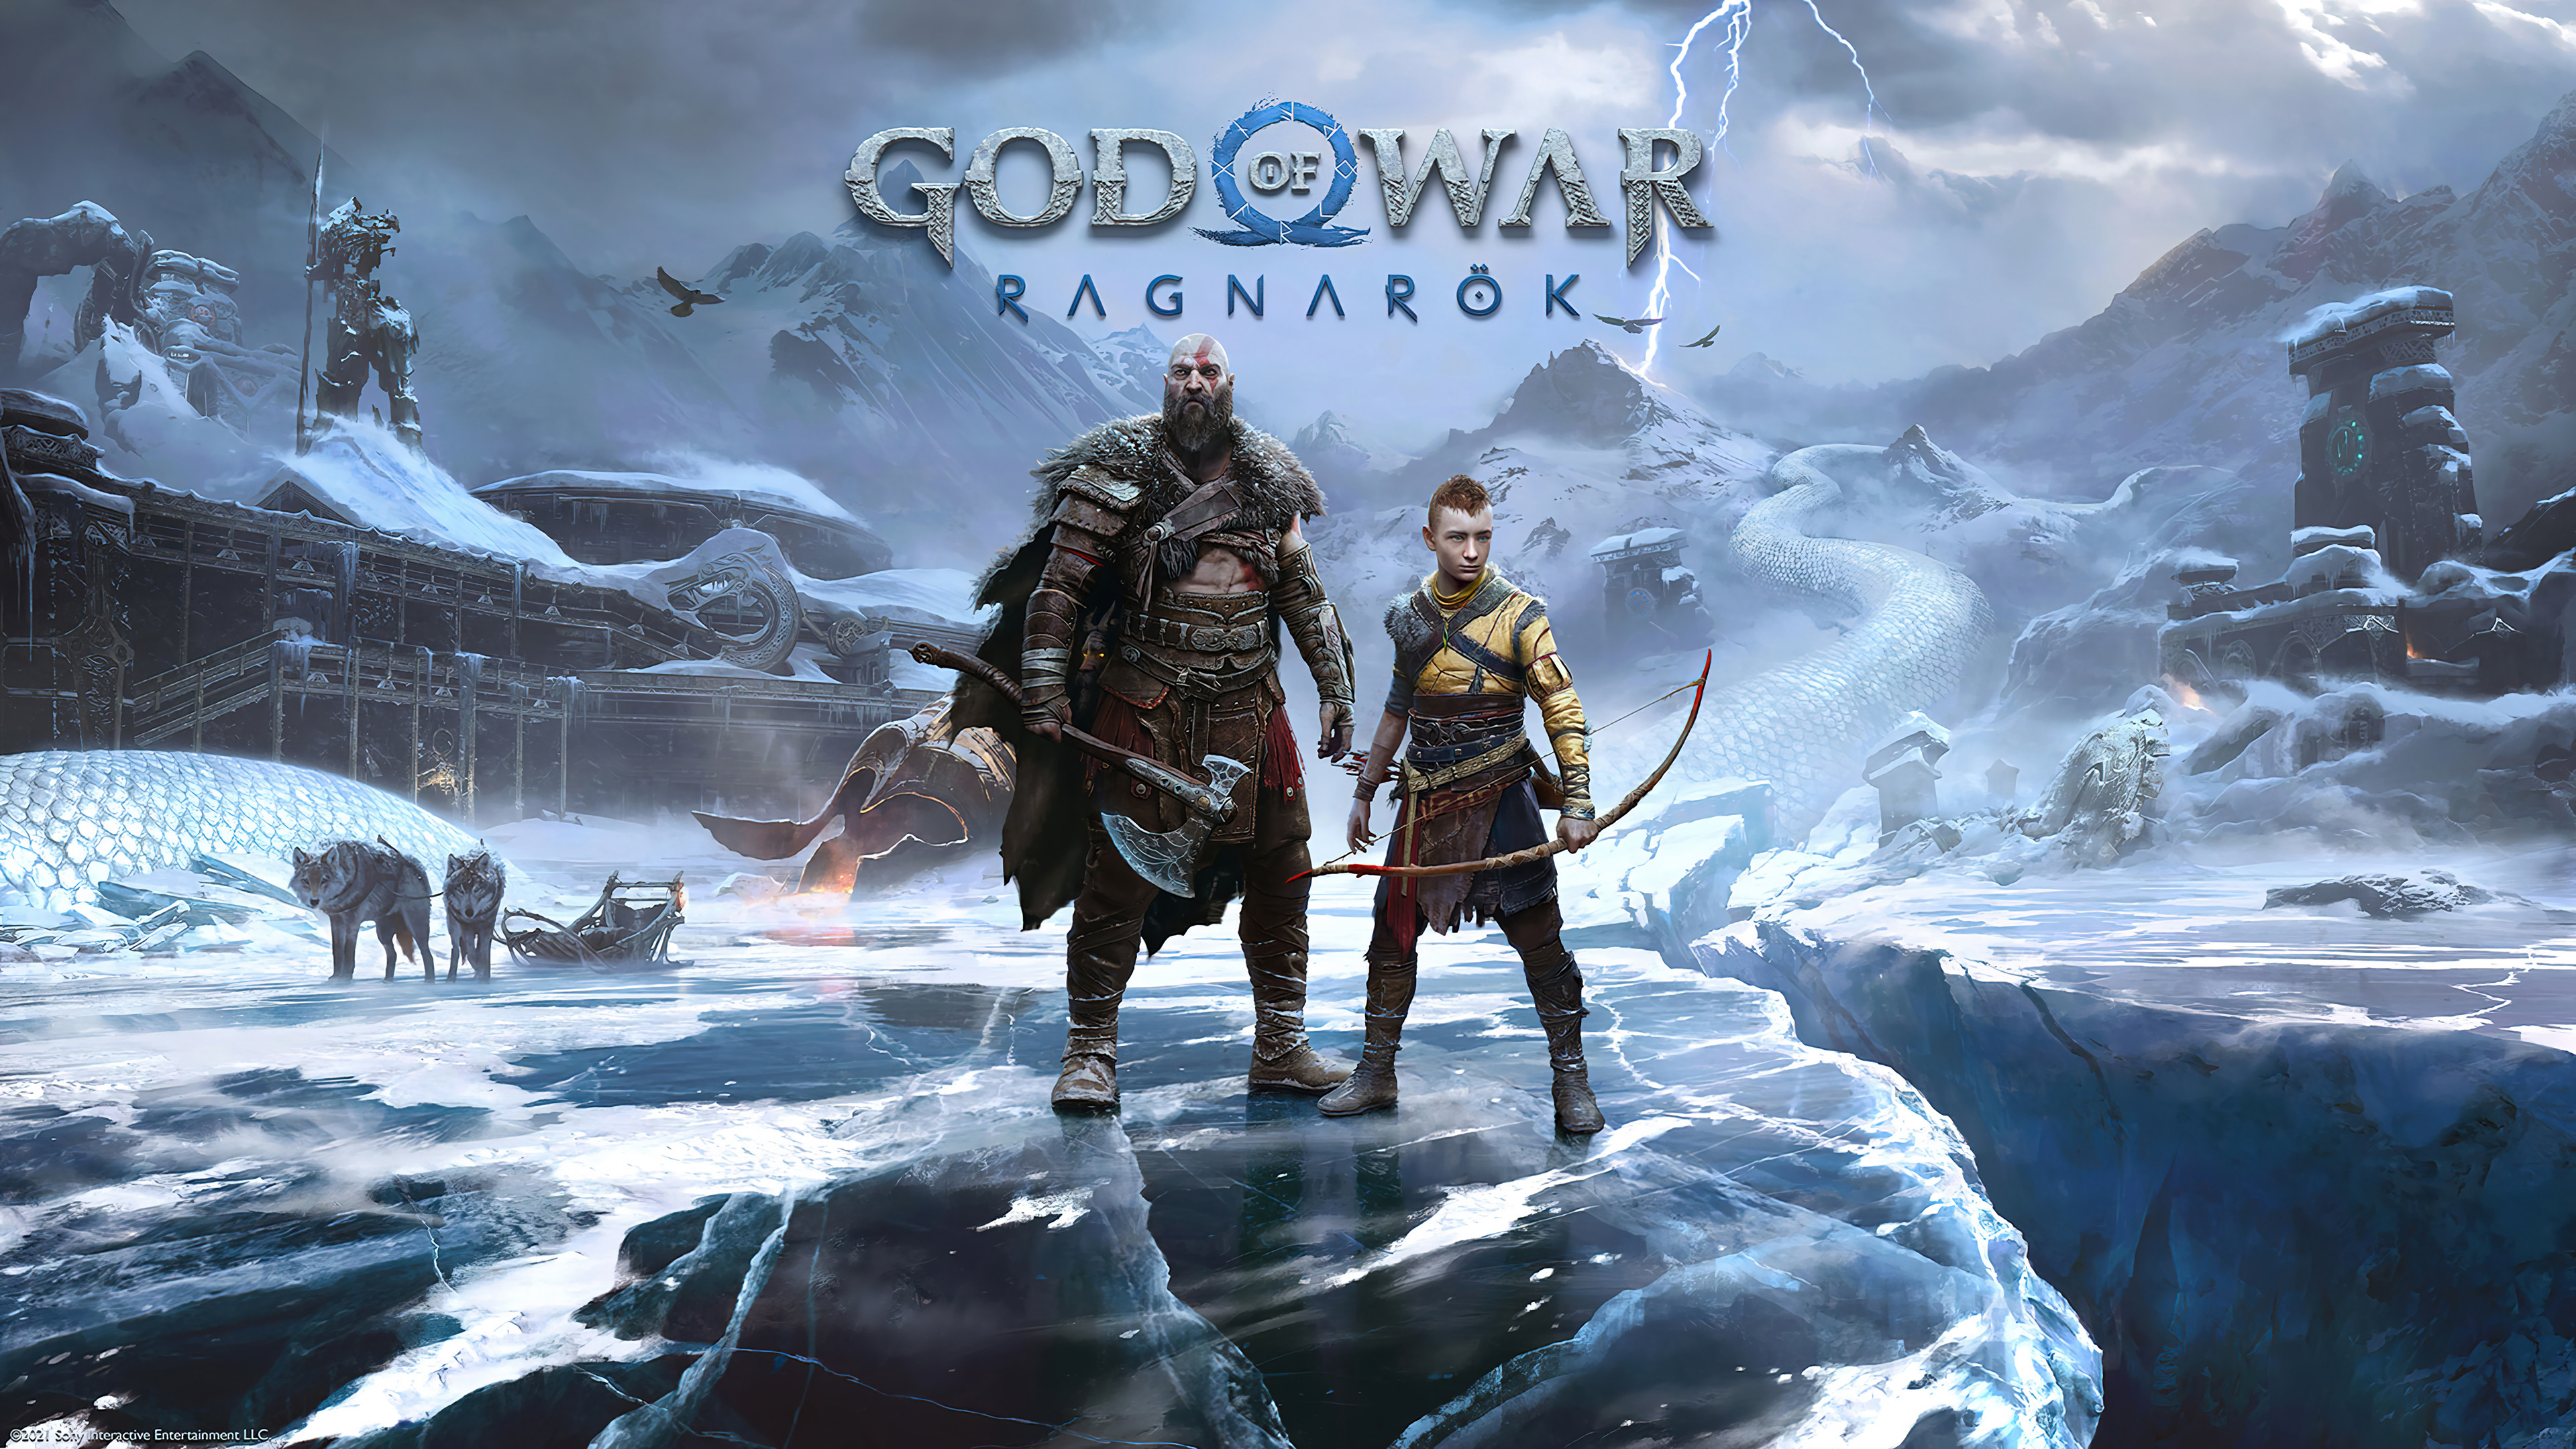 Fondos de pantalla Personajes de God of War Ragnrok